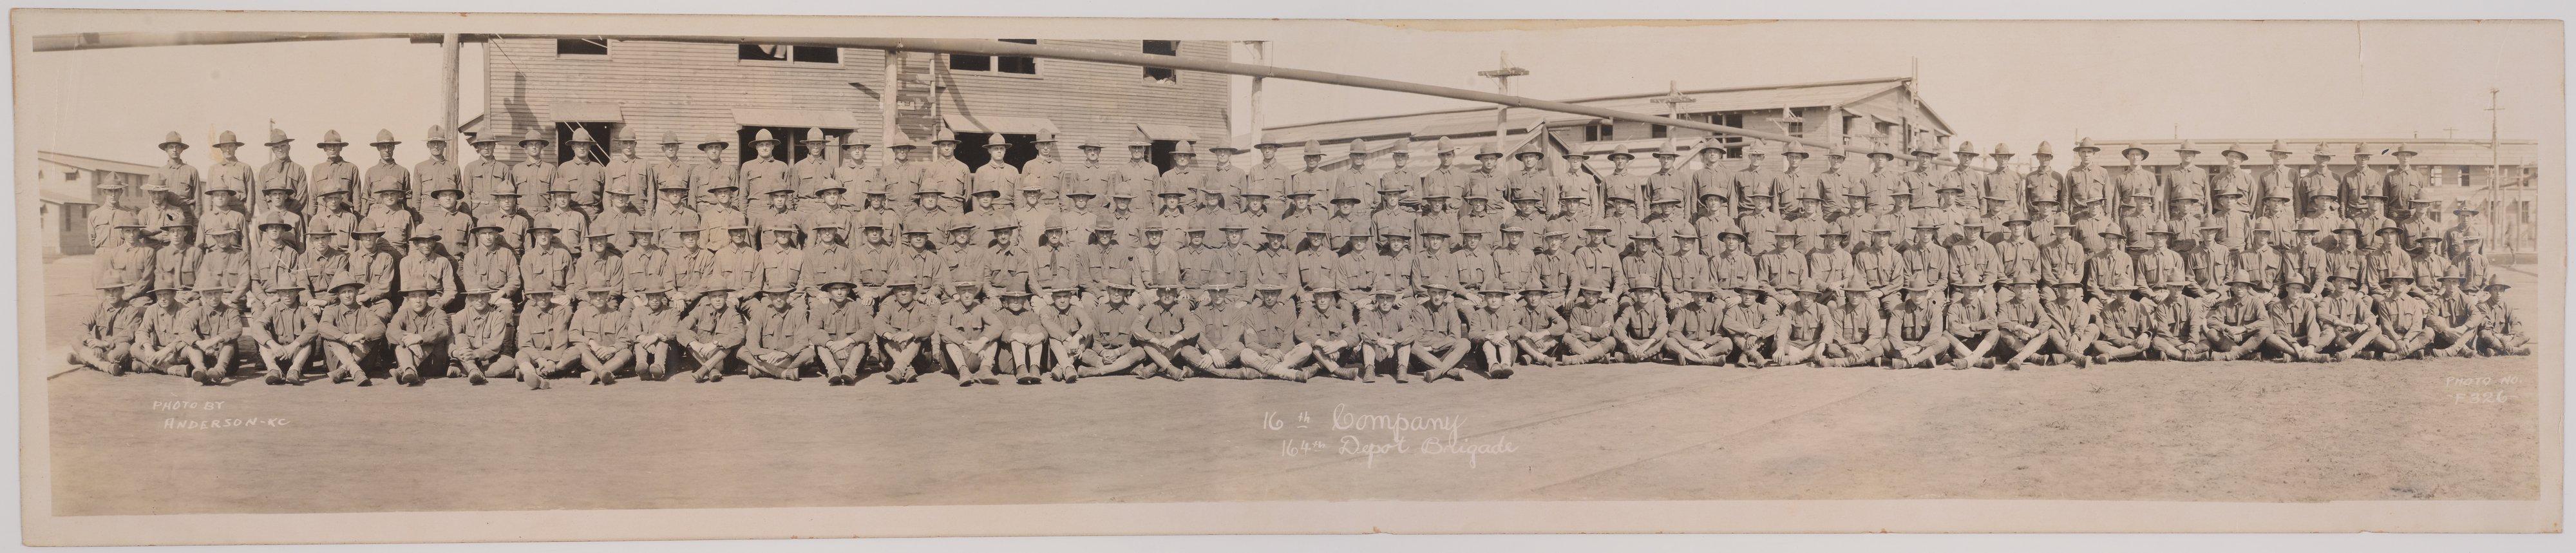 16th Company, 164th Depot Brigade